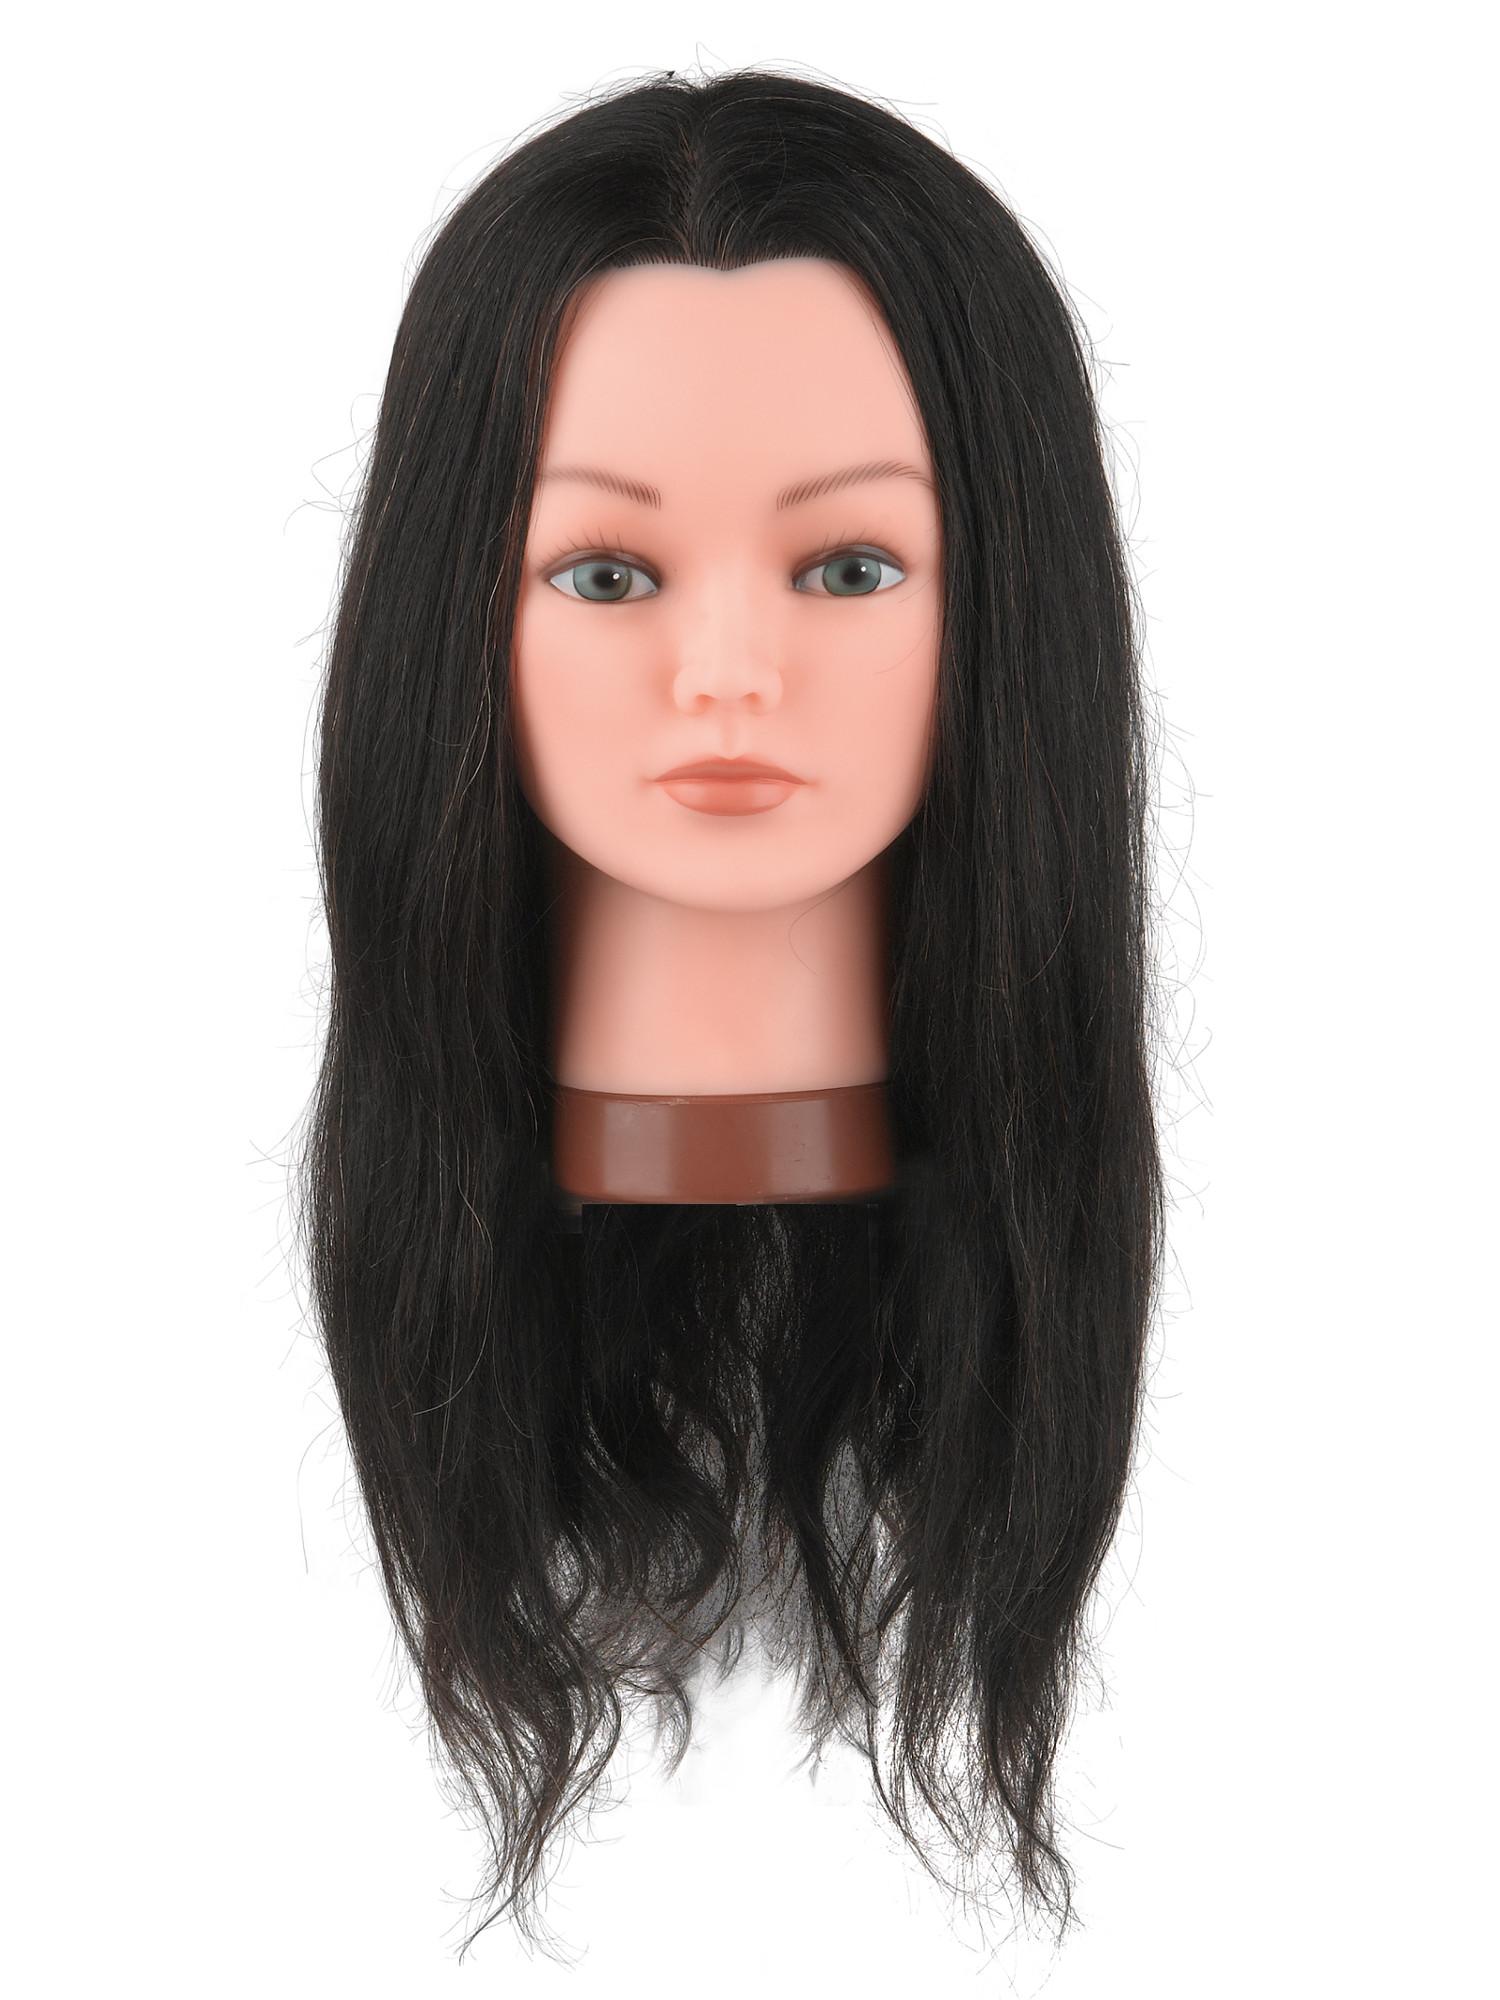 Cvičná hlava Sibel Fanny s přírodními vlasy - kaštanová 50 cm (0030651) + DÁREK ZDARMA